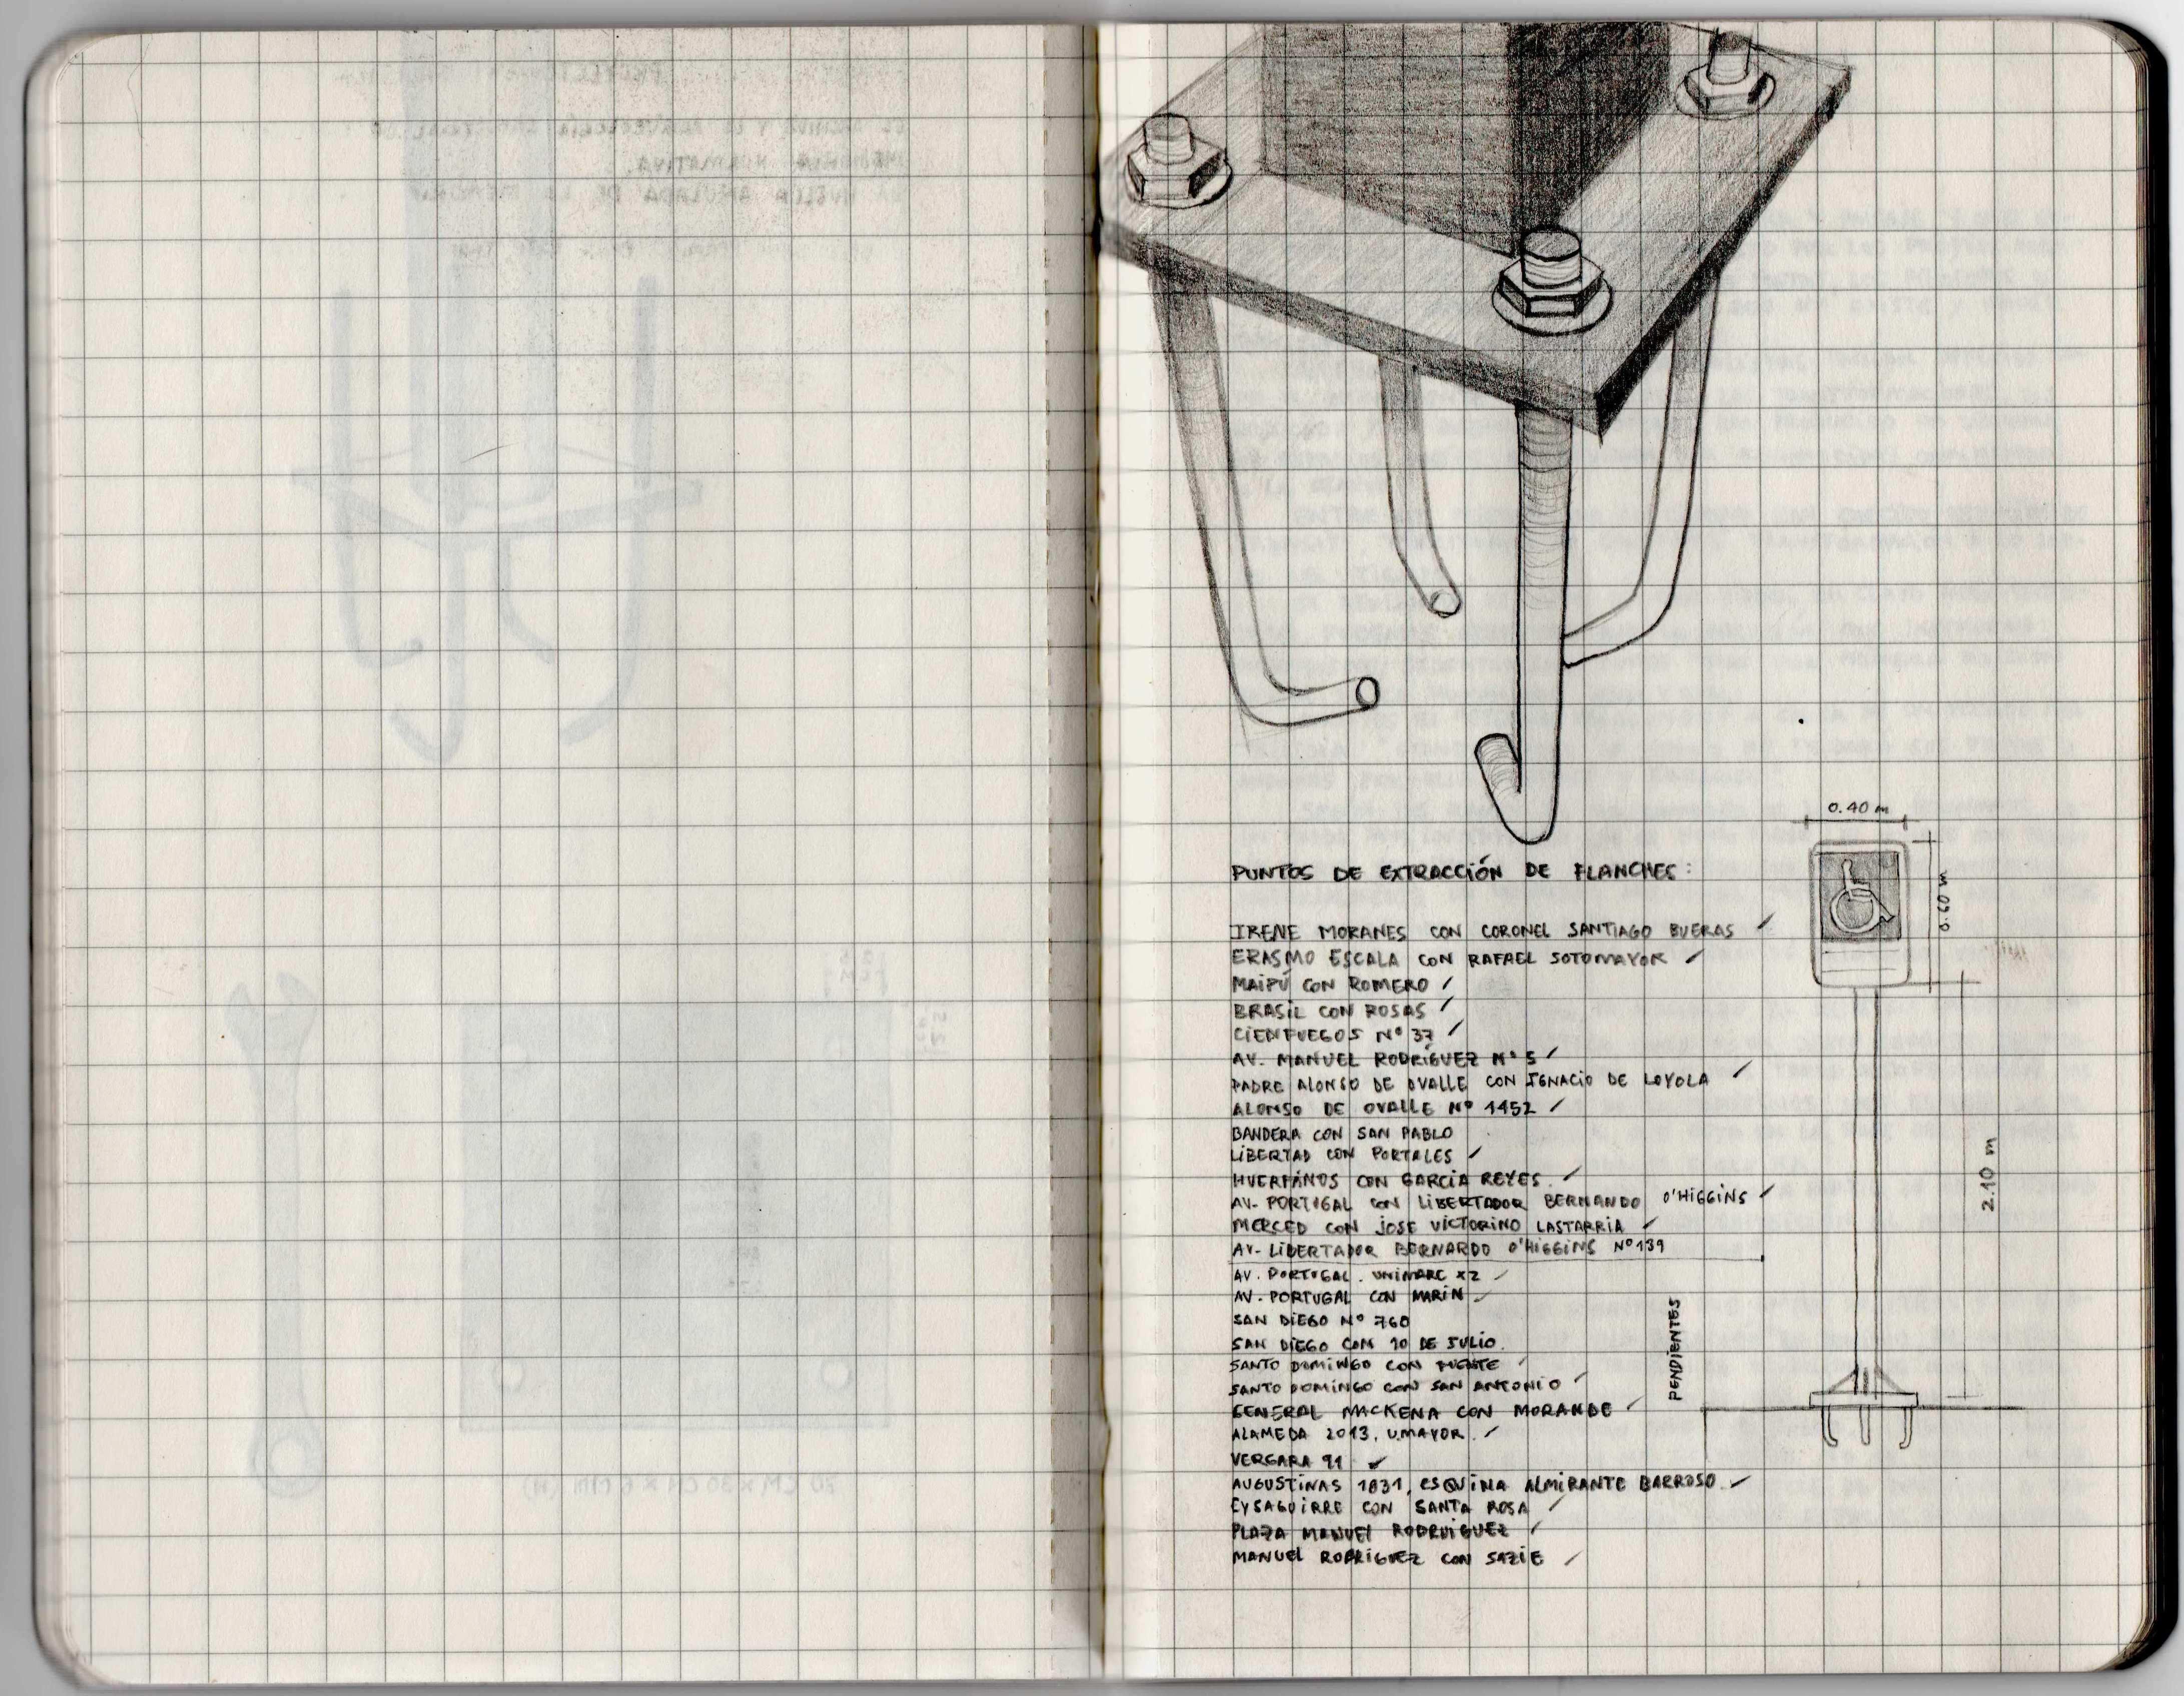 Carlos Rivera, cuaderno de artista, 2018. Cortesía del artista. Foto: Felipe Ugalde